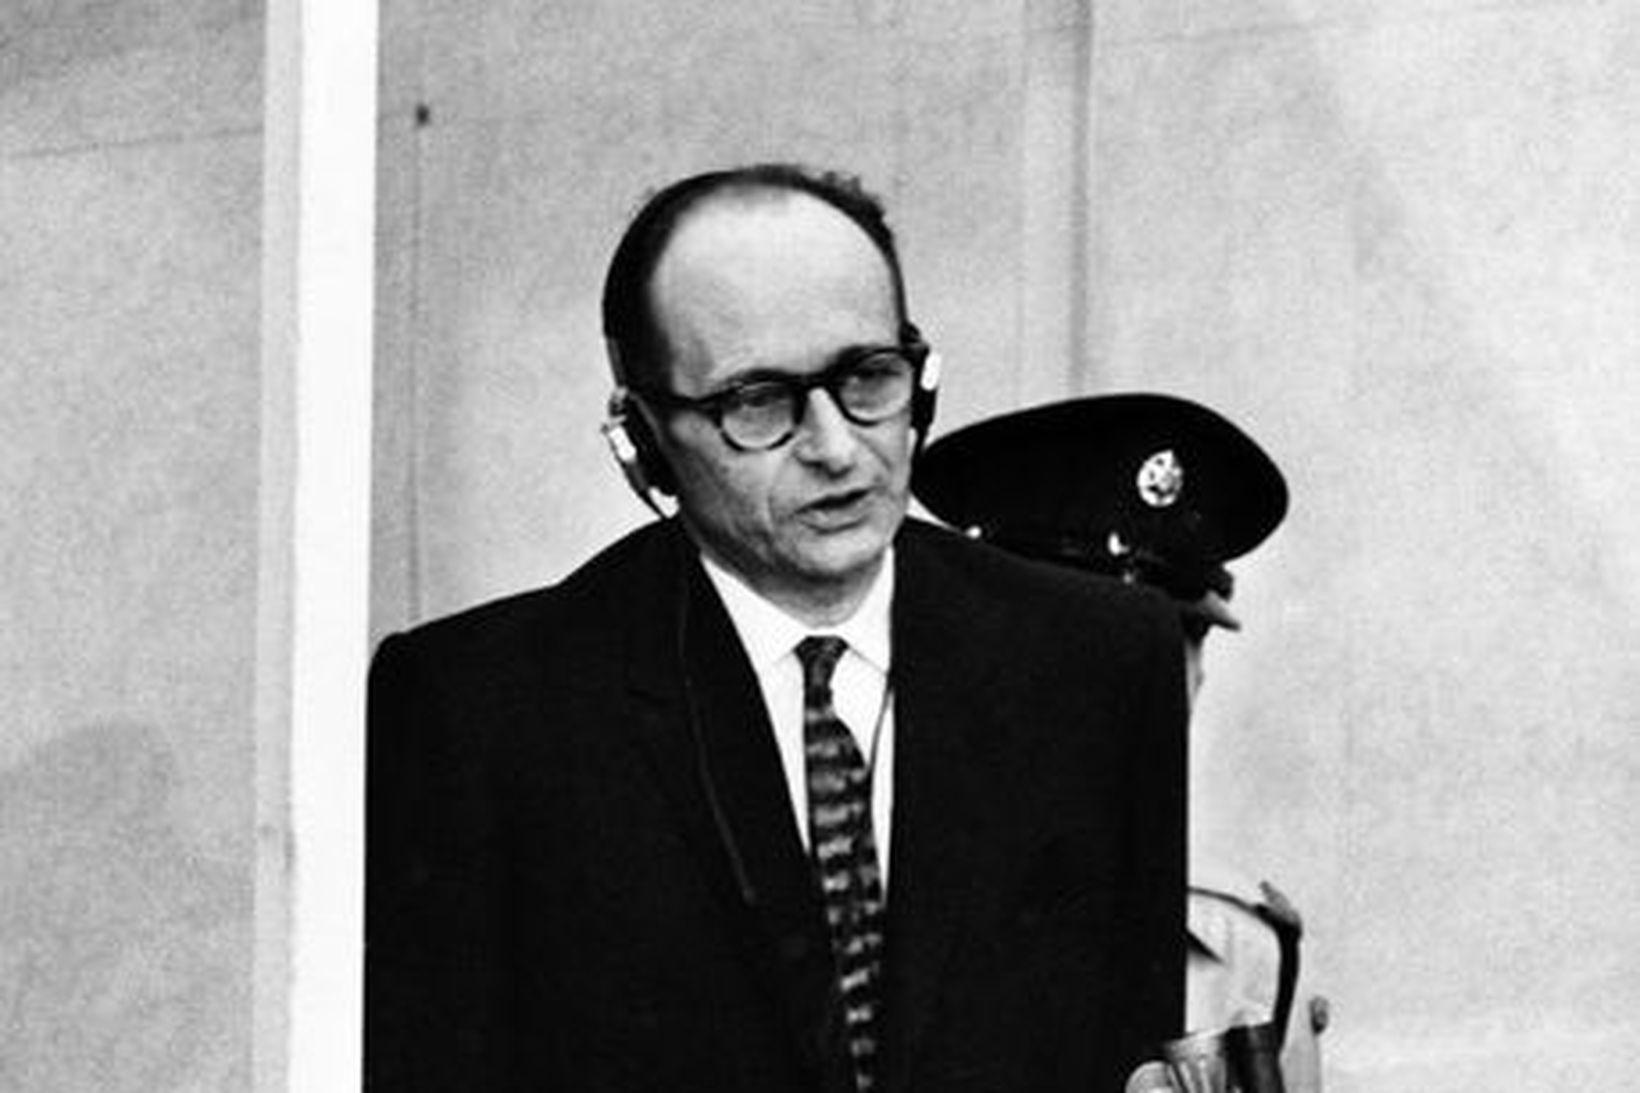 Þessi mynd af Adolf Eichmann var tekin 11. apríl 1961, …